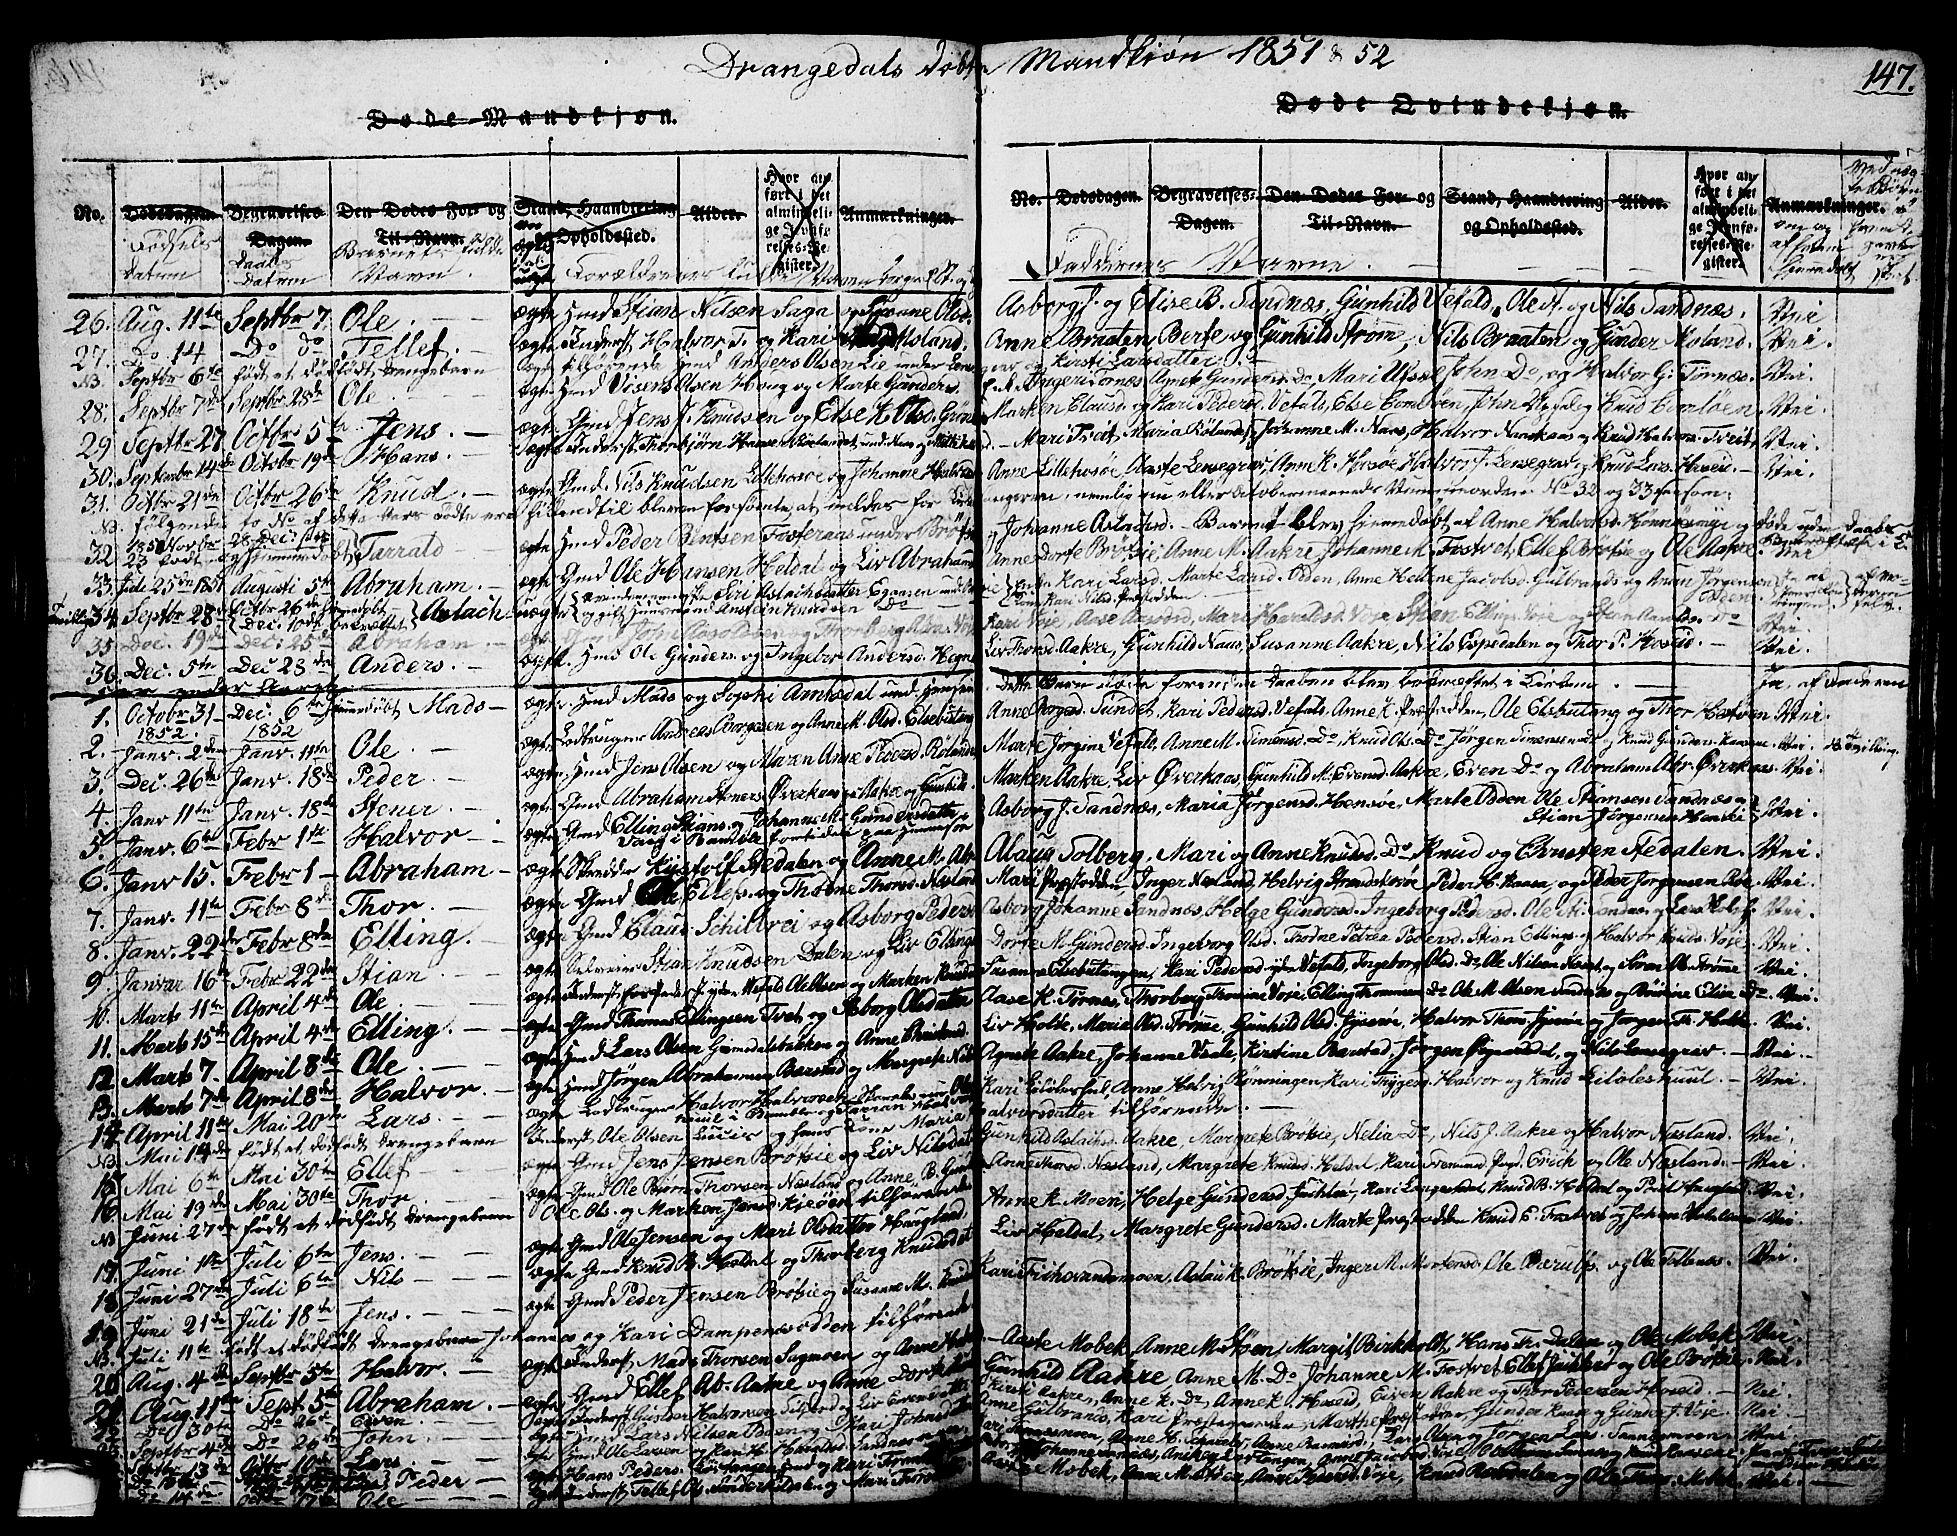 SAKO, Drangedal kirkebøker, G/Ga/L0001: Klokkerbok nr. I 1 /1, 1814-1856, s. 147